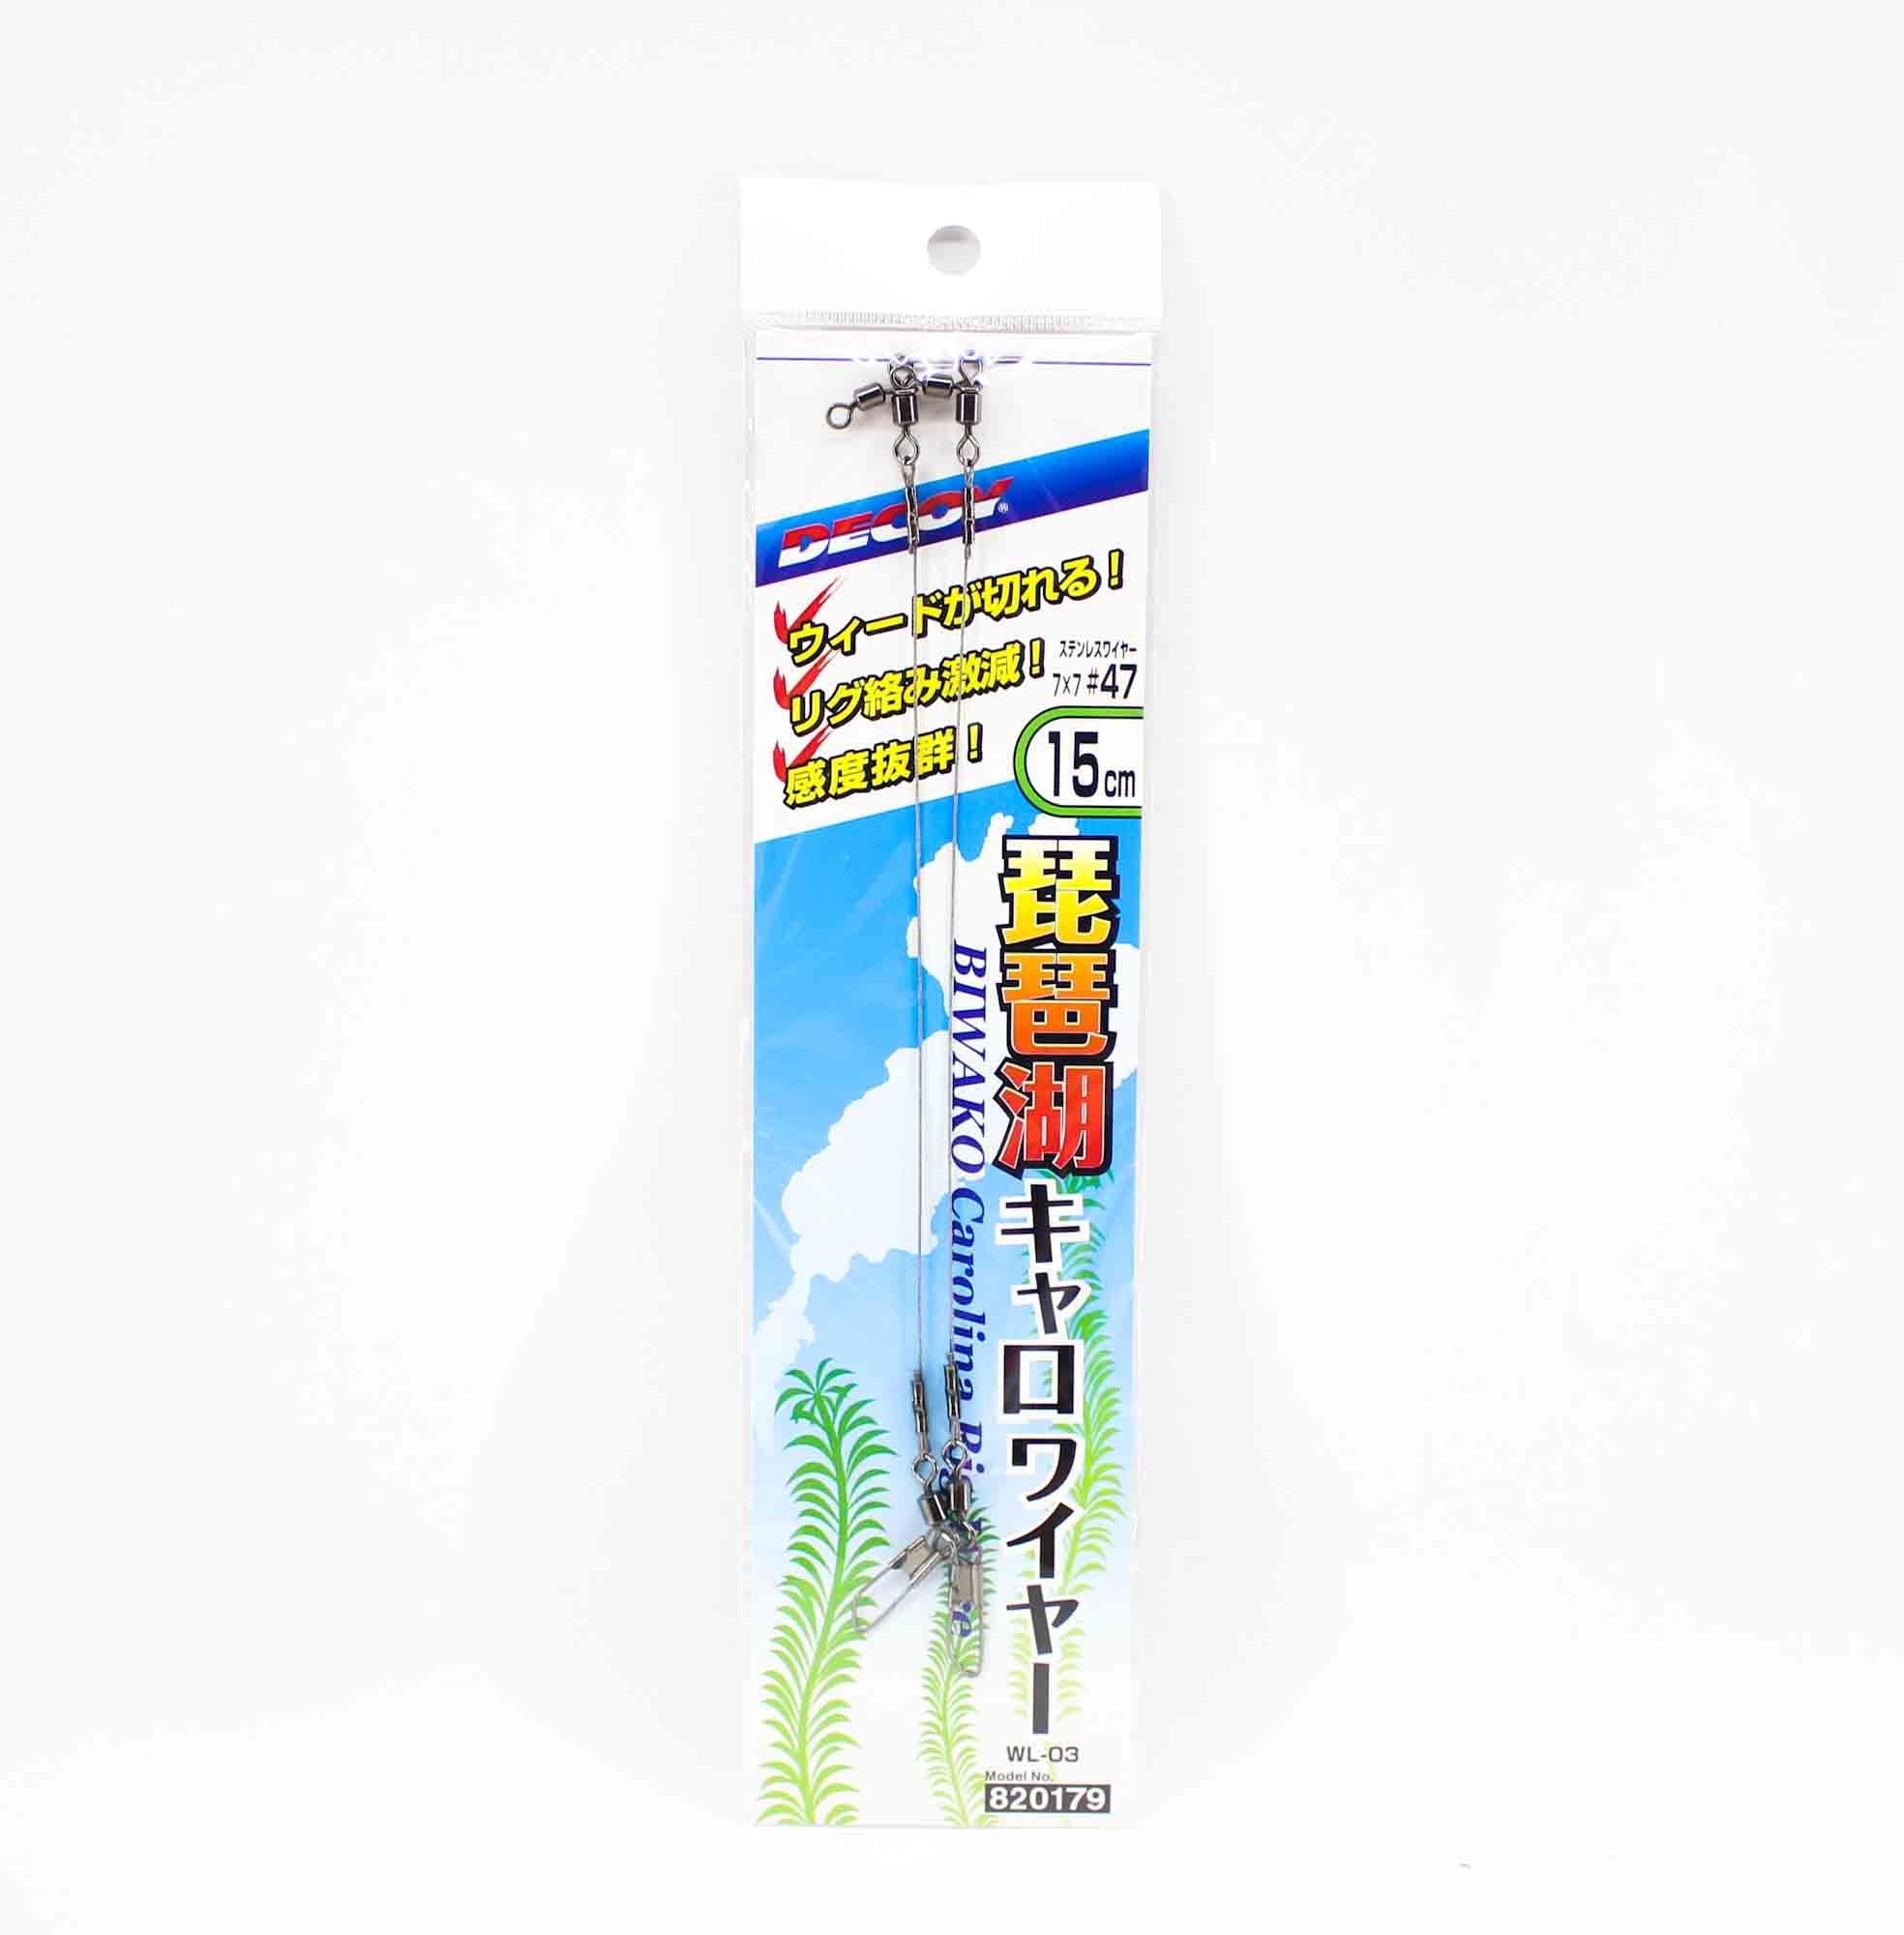 Decoy WL-03 Biwako Carolina Rig Wire Leader 15cm #47 (0179)